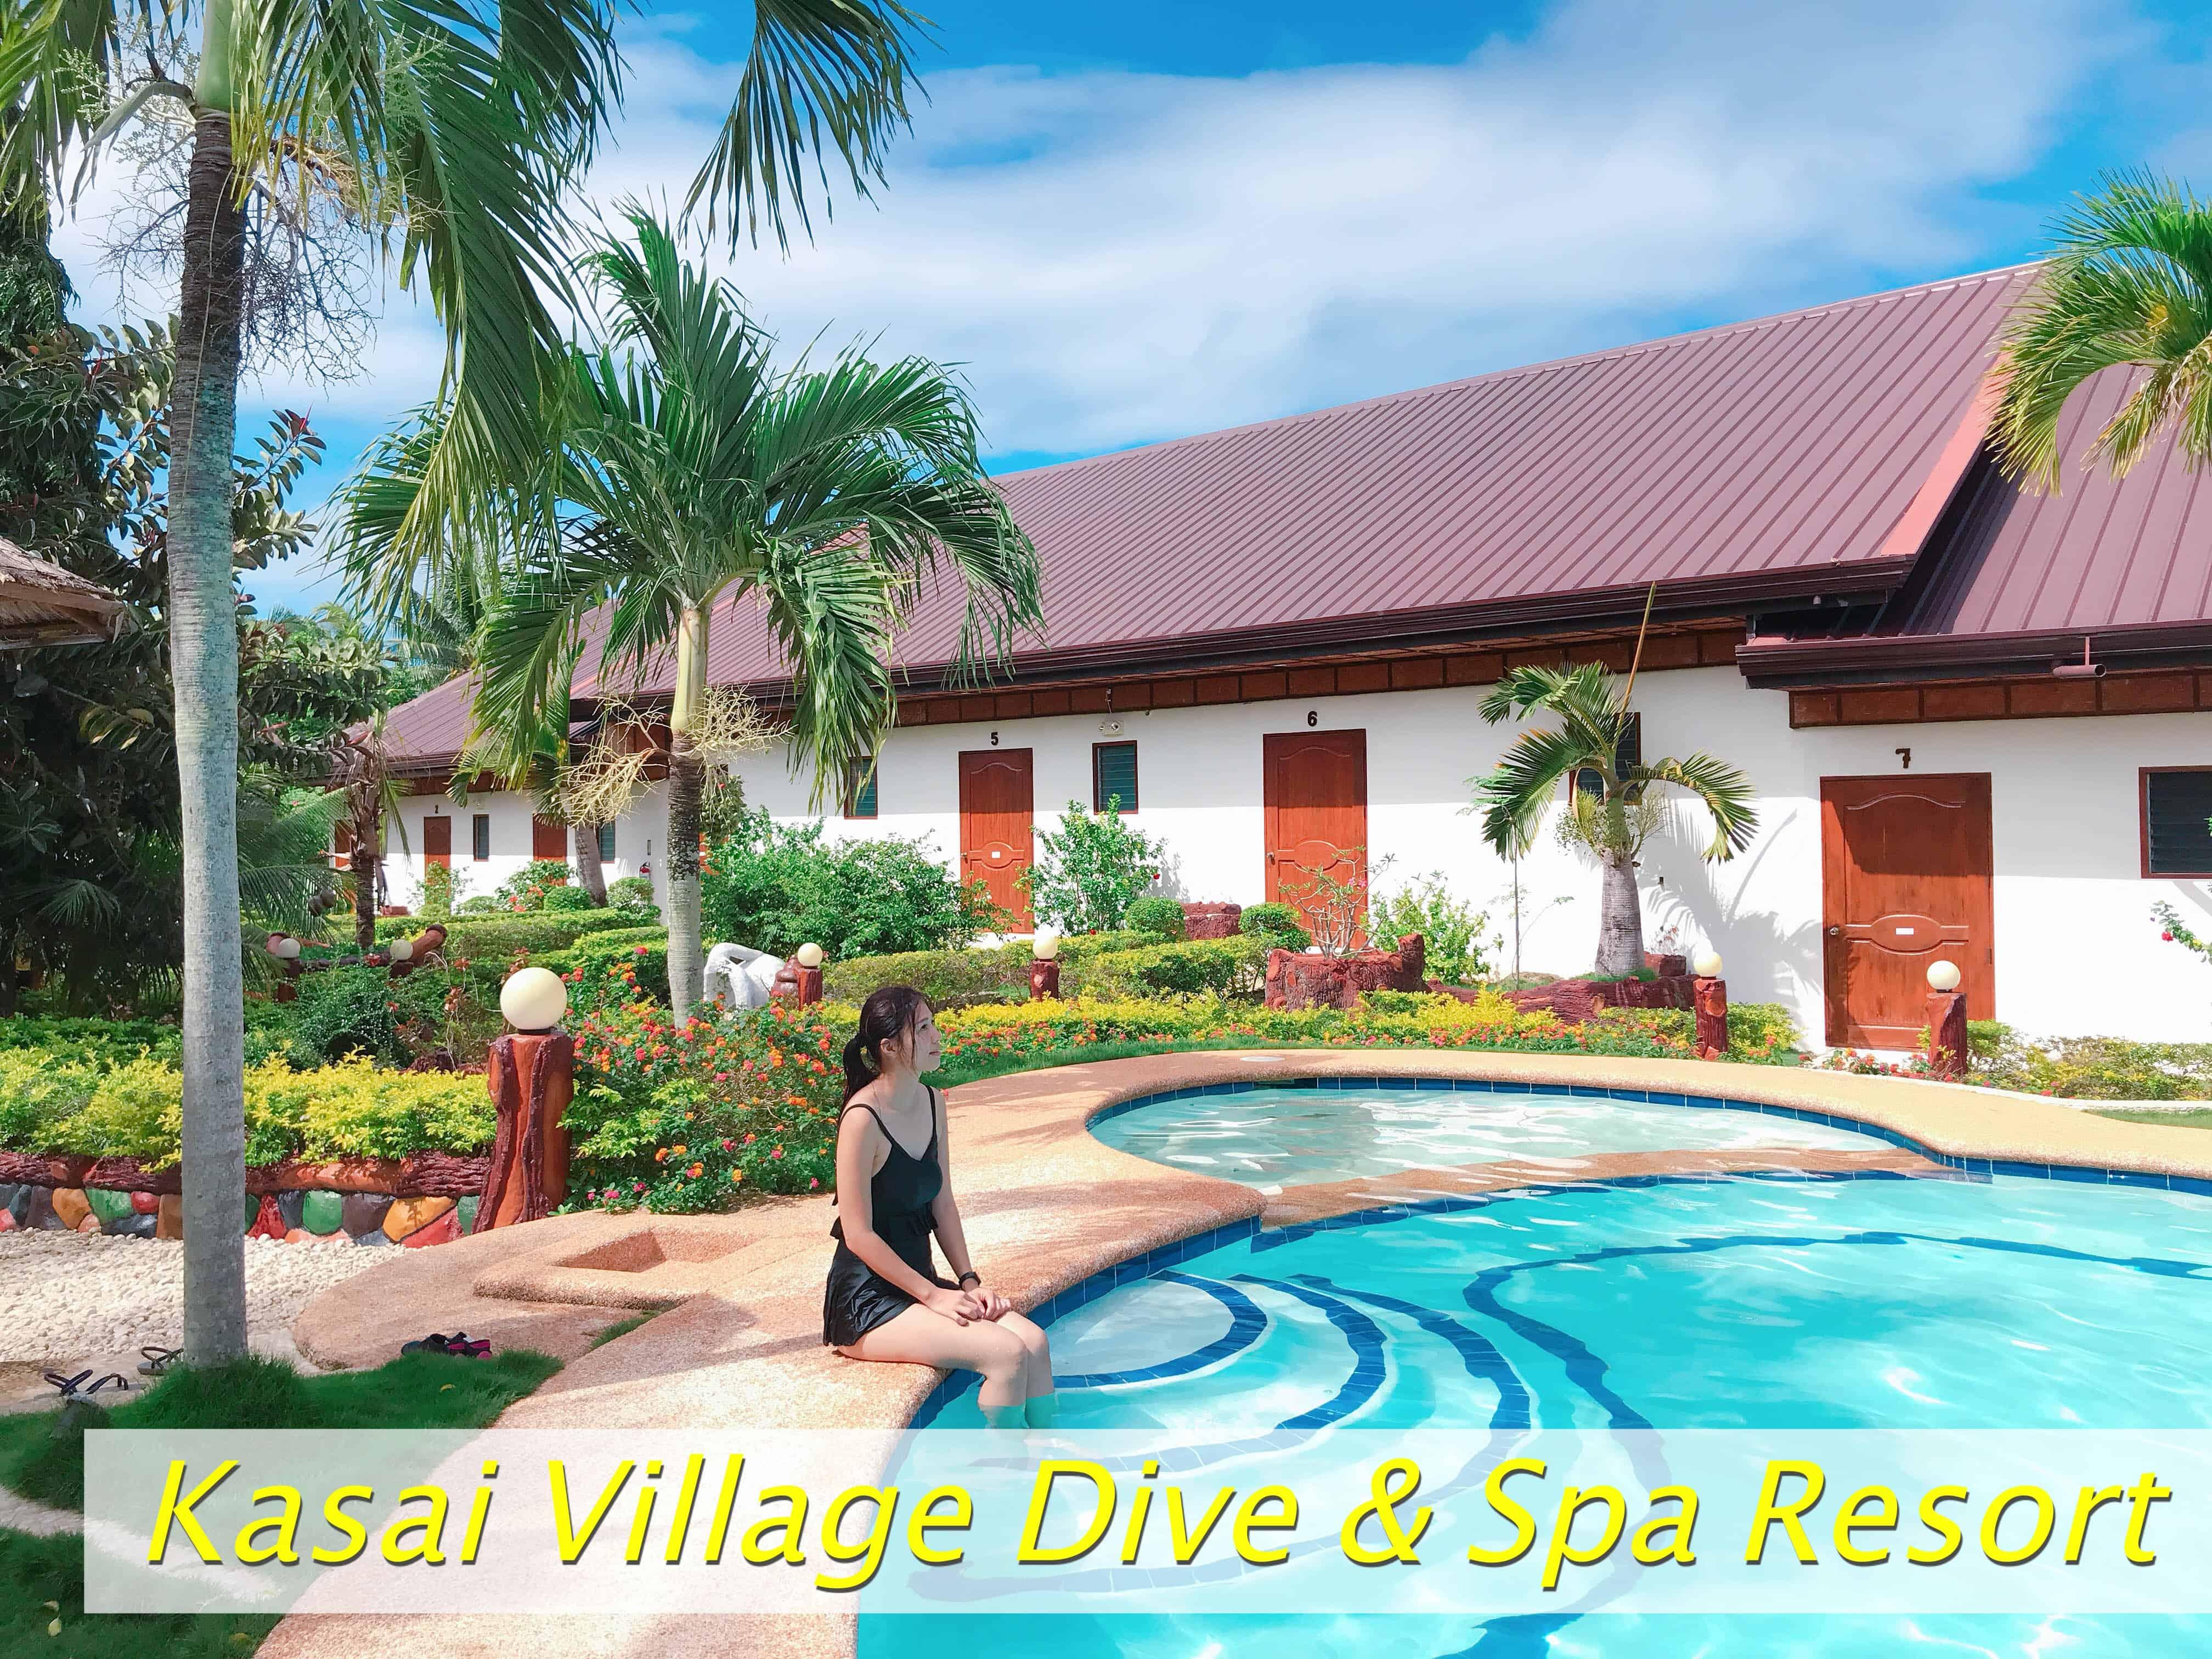 宿霧Moalboal墨寶住宿|Kasai Village Dive & Spa Resort。絕美泳池&私人海岸,潛水度假的天堂。